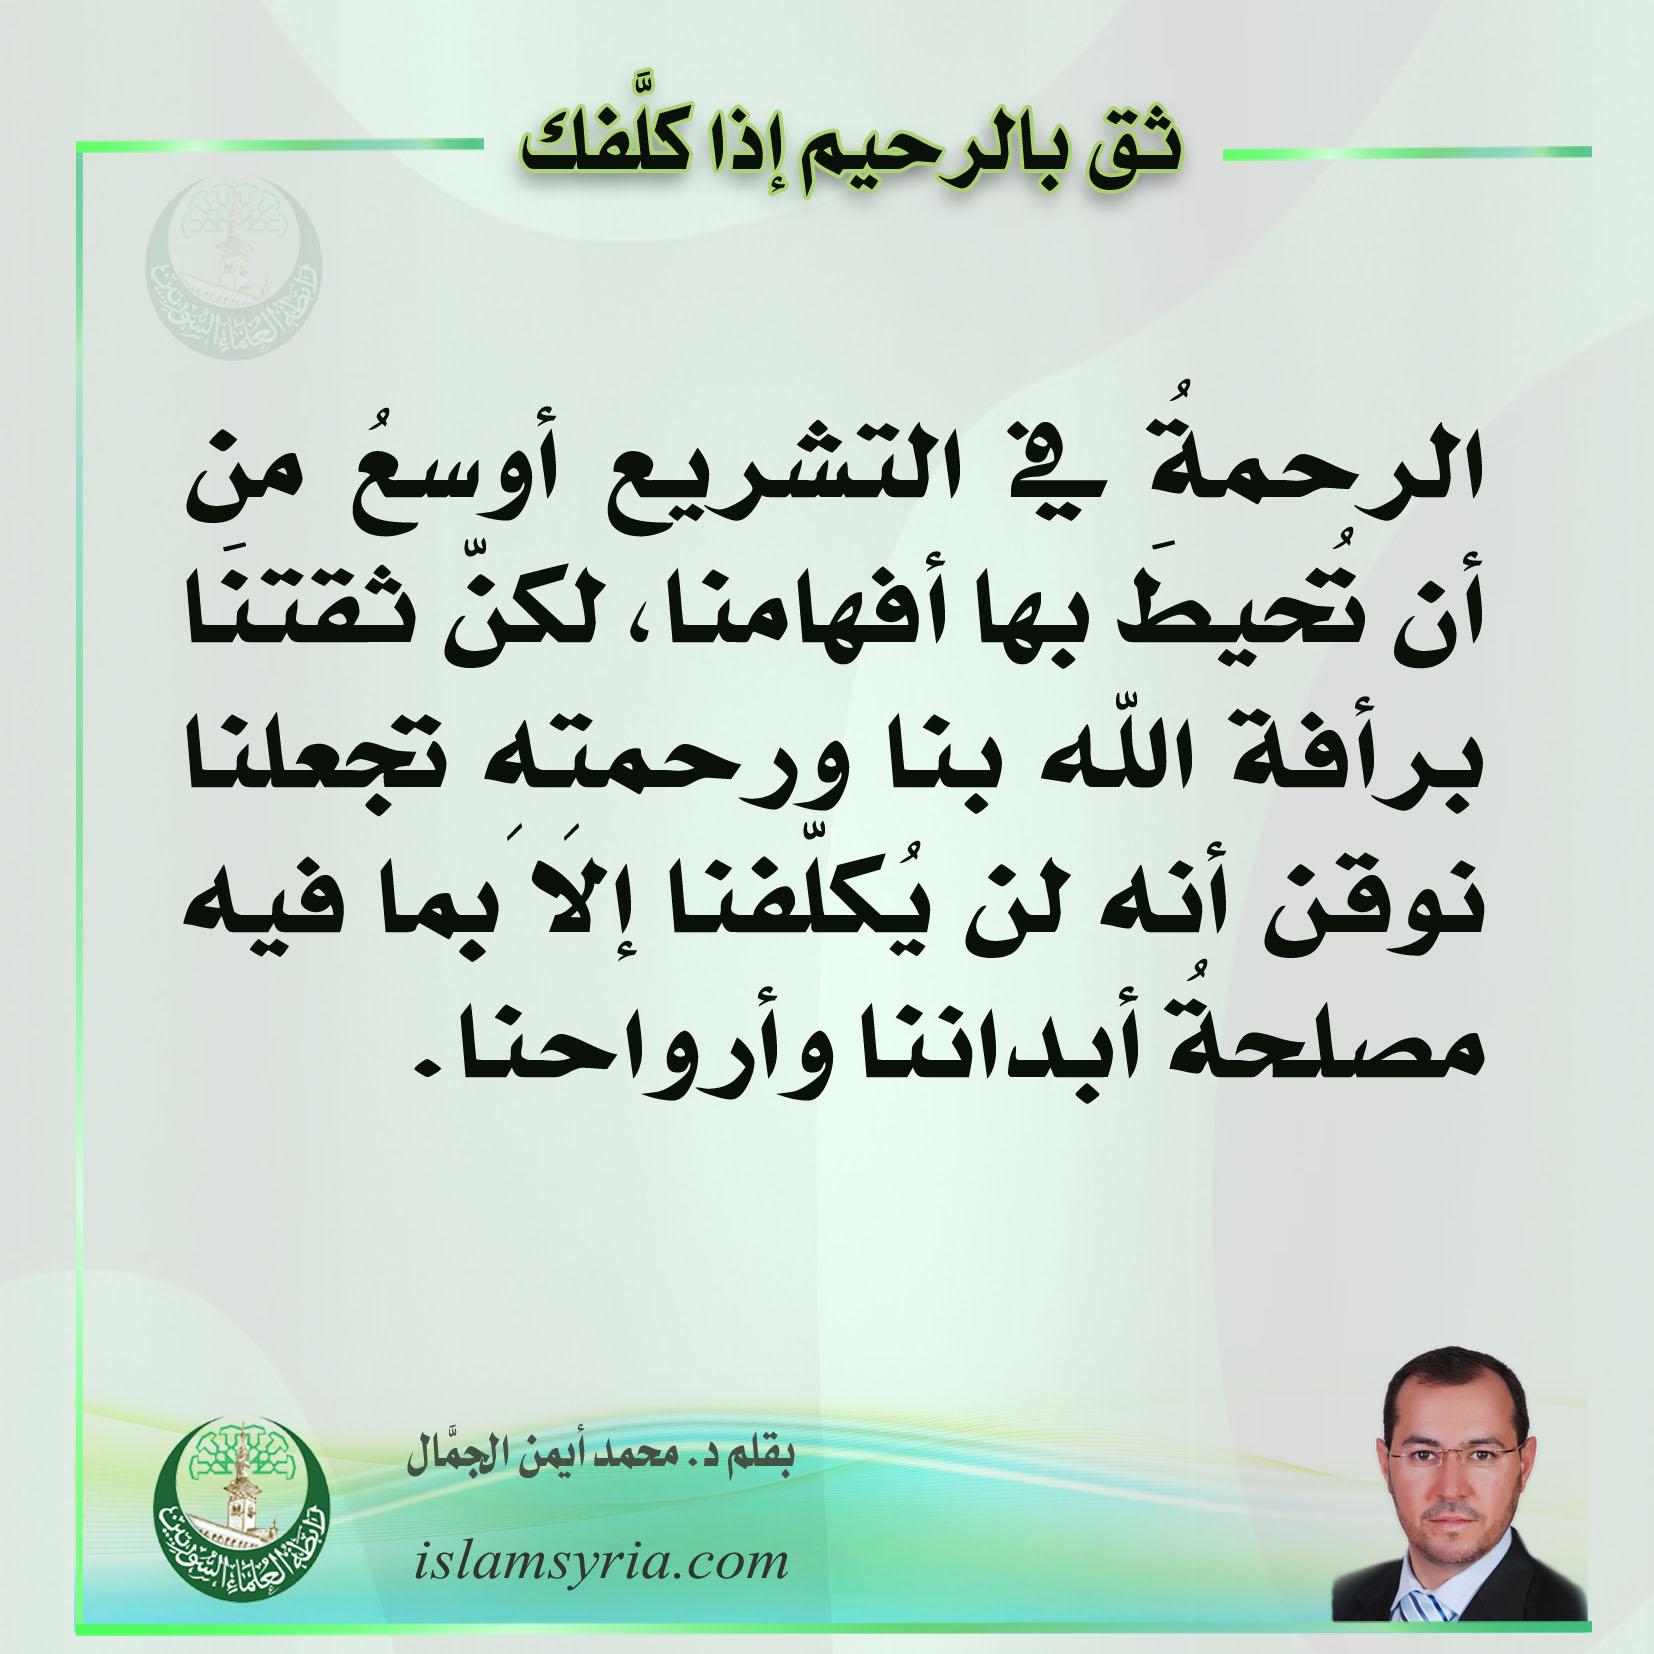 بطاقات دعوية|| ثق بالرحيم إذا كلفك||د. محمد أيمن الجمال